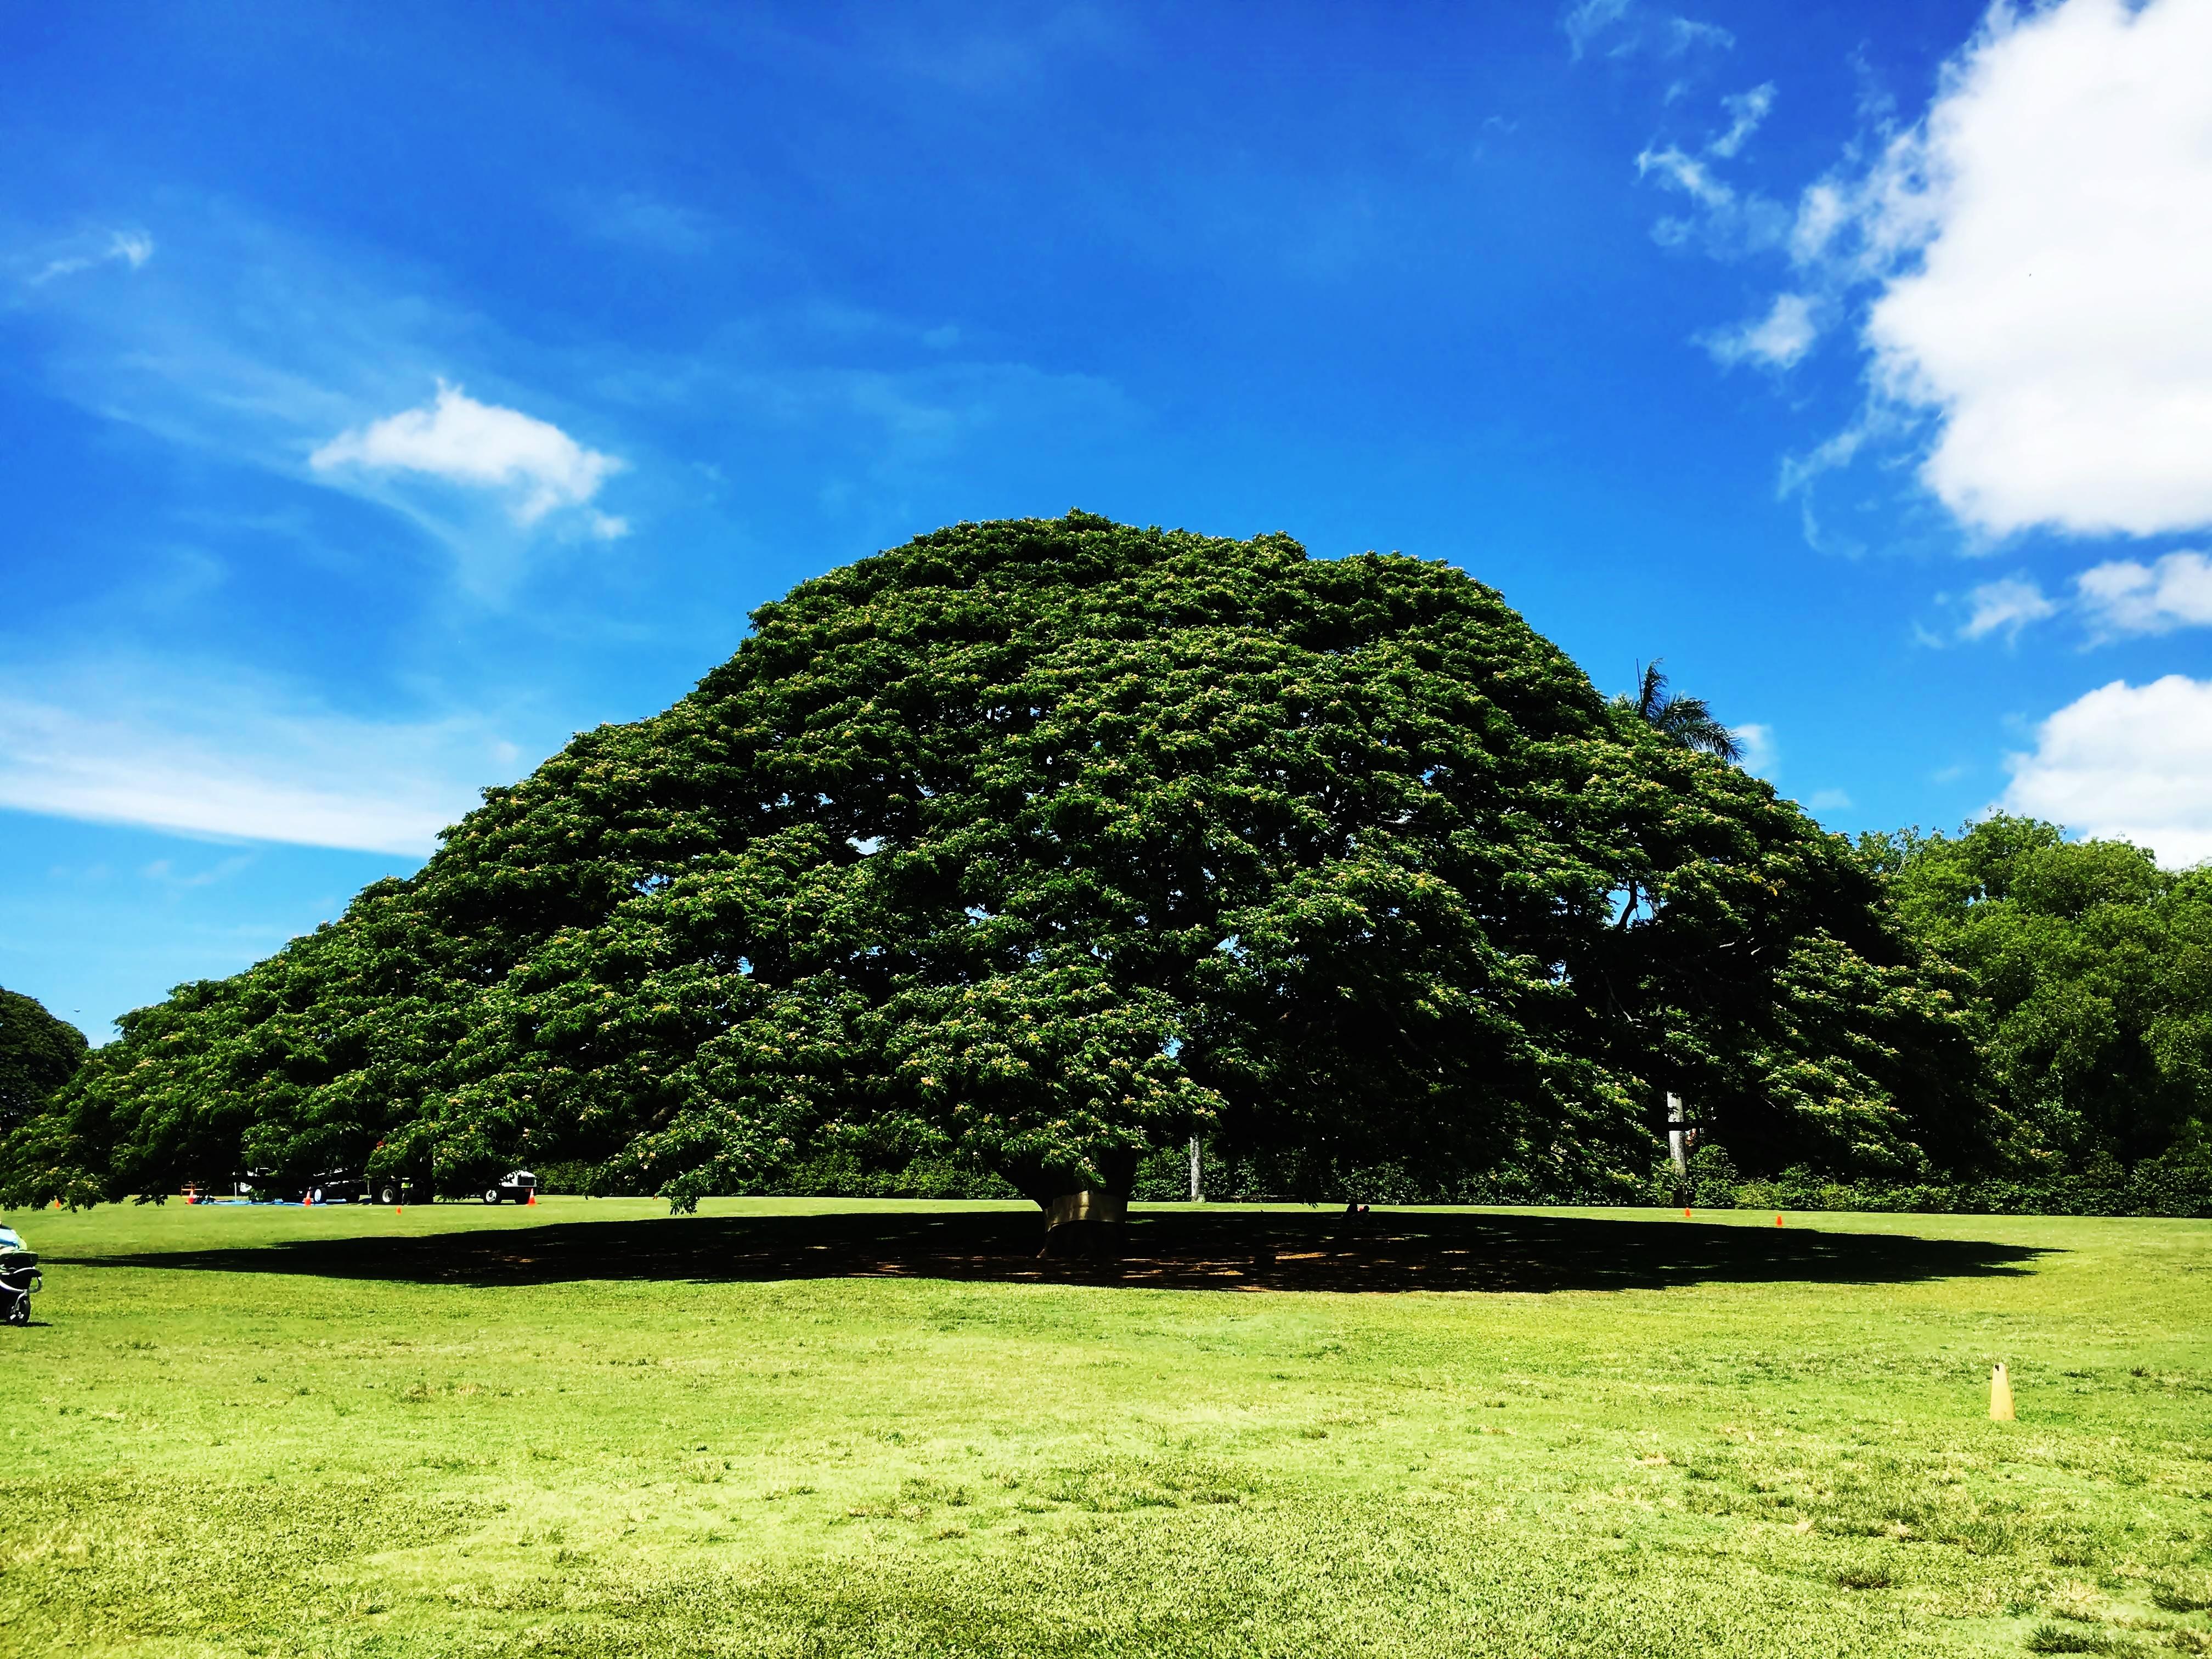 その木なんの木